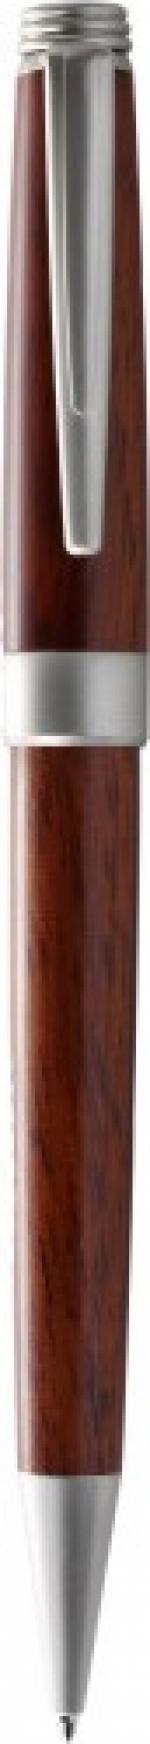 penna-in-astuccio-in-legno-personalizzabile